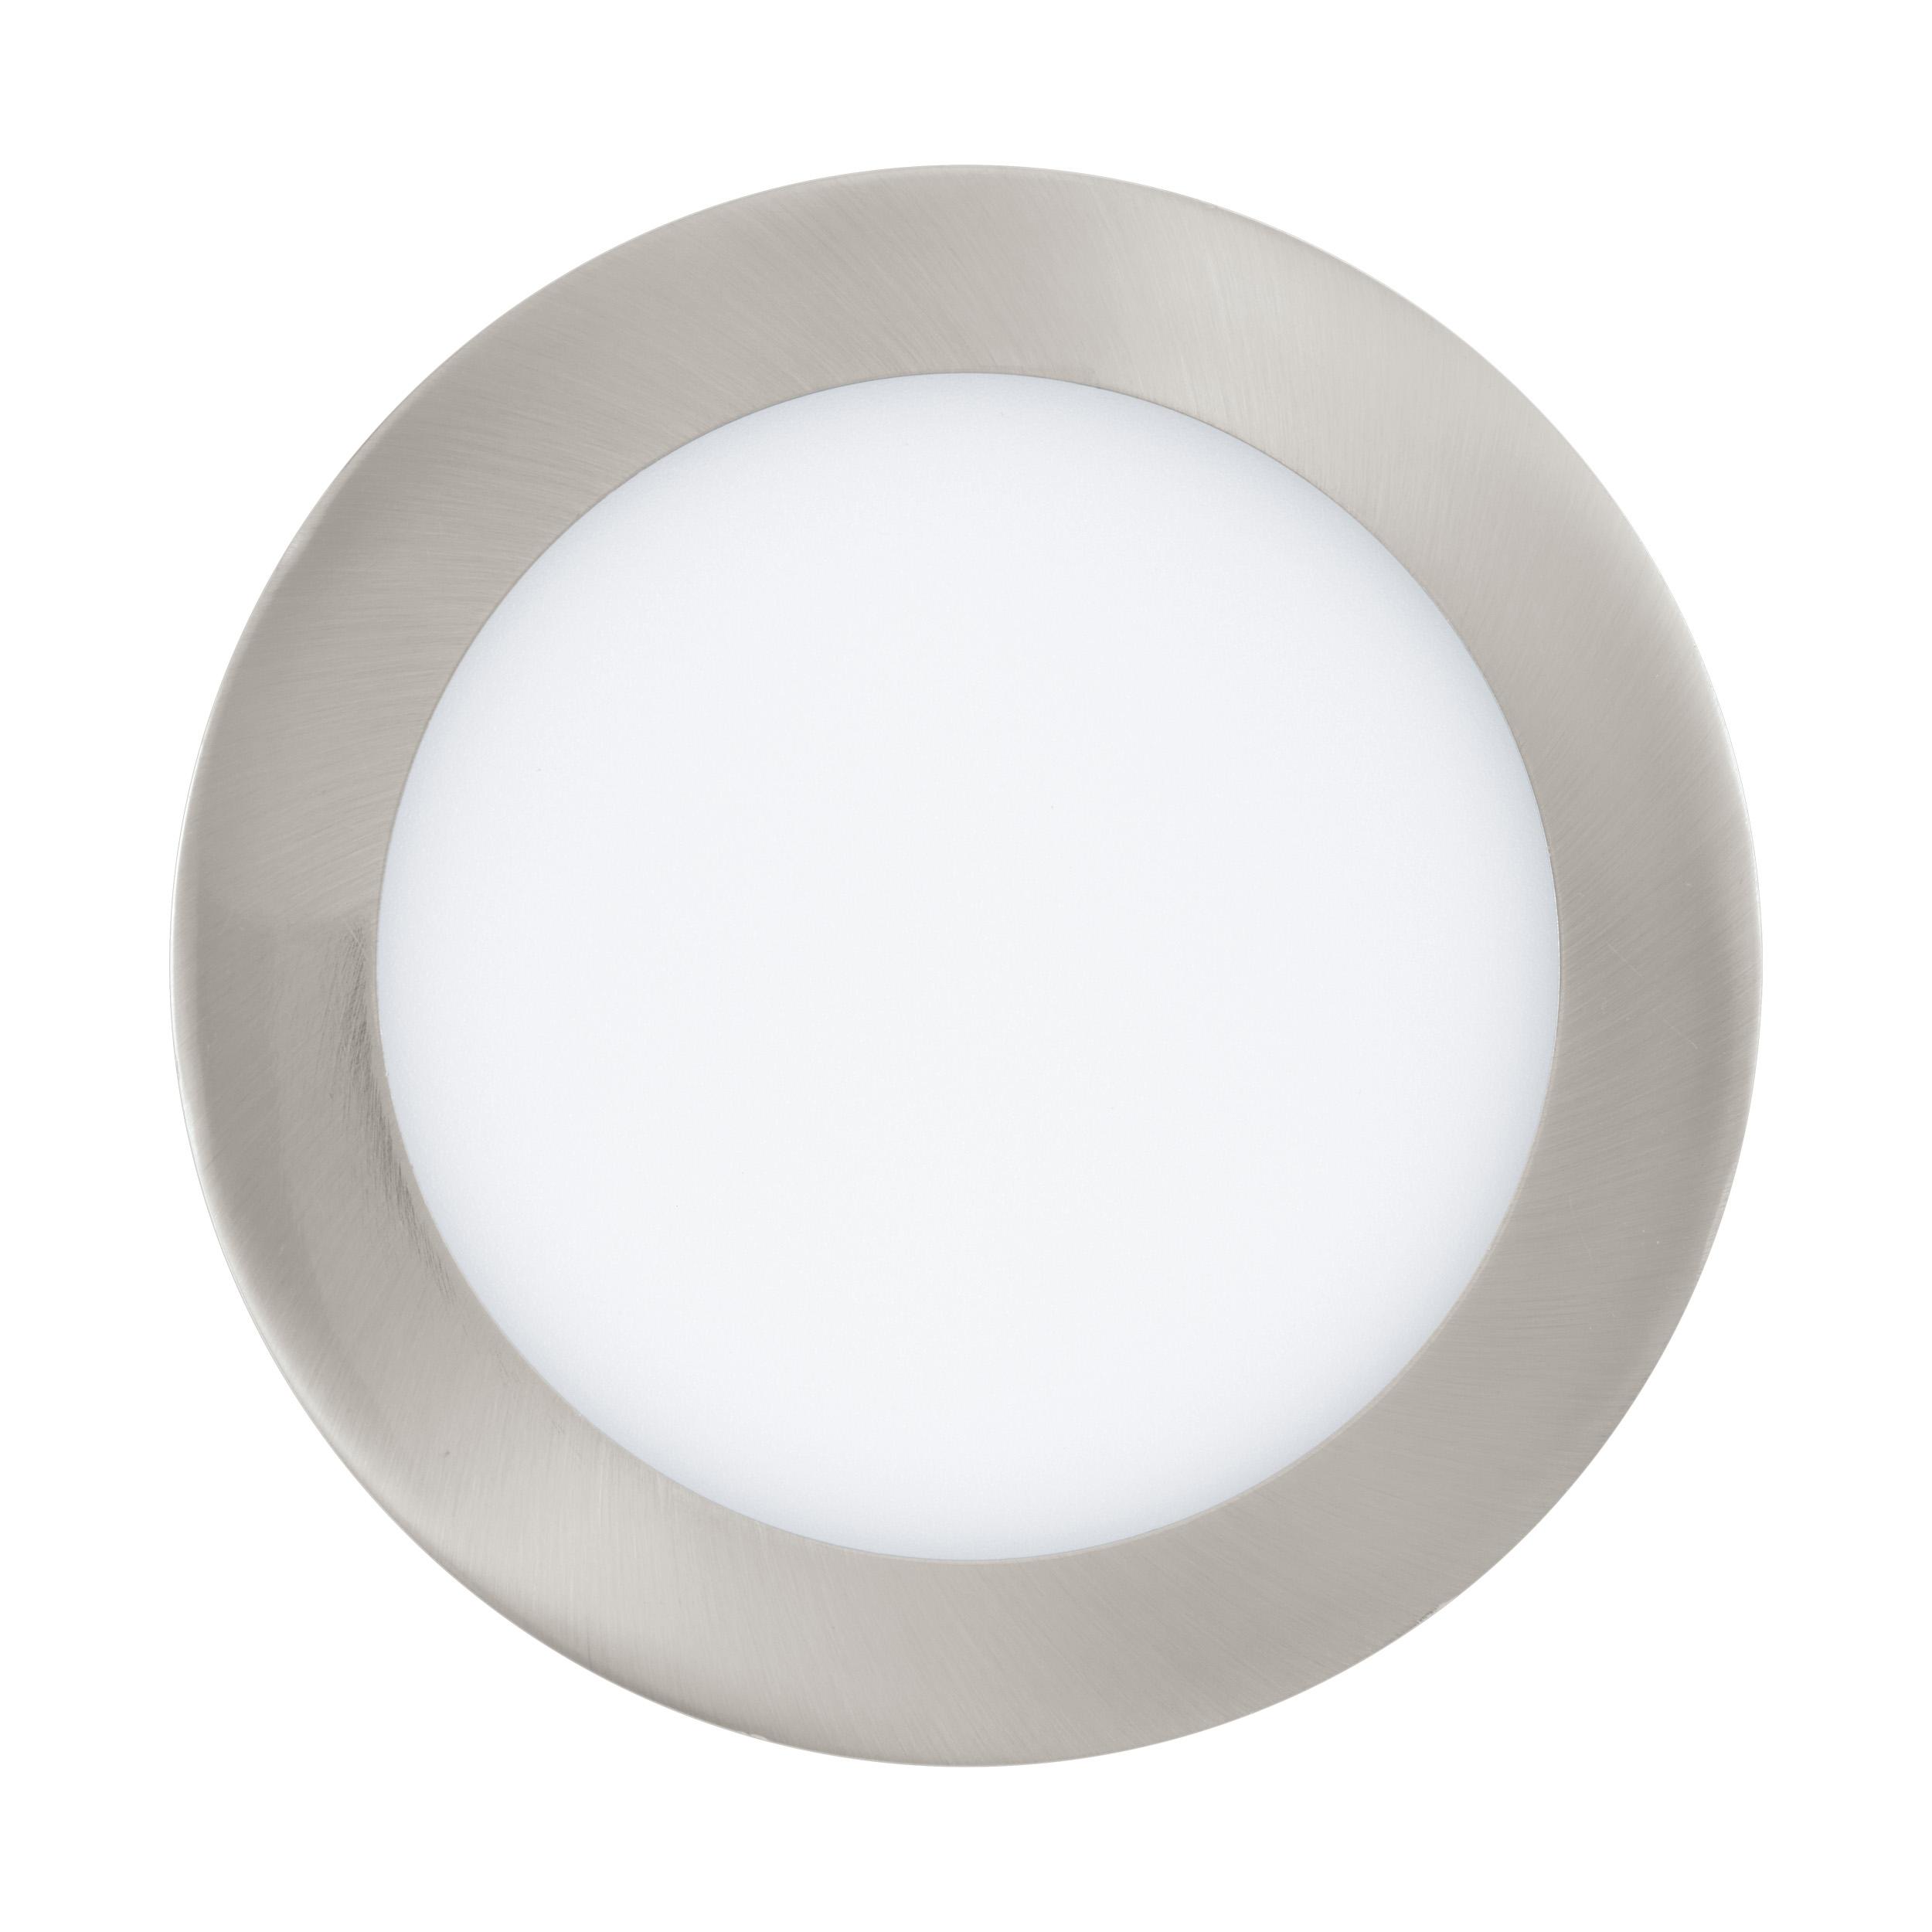 1 Stk Fueva-C BLE-RGB/CCT 10,5W 2700-6500K nickelmatt LI64515---